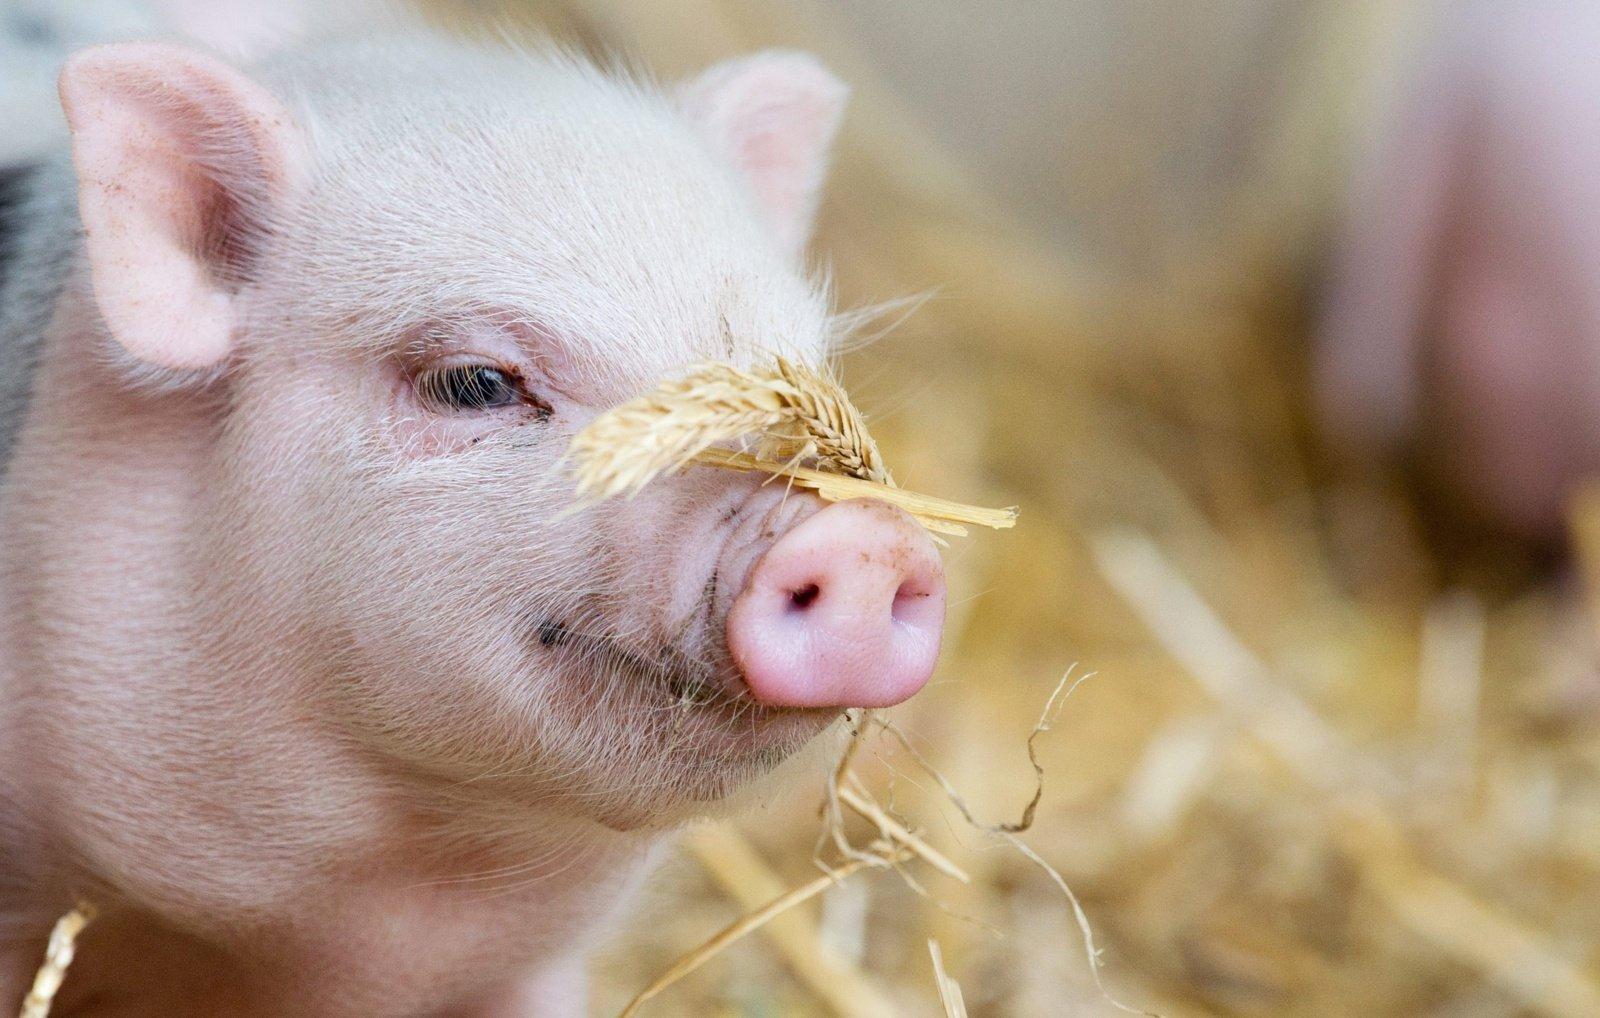 Latvijoje – afrikinio kiaulių maro protrūkis komerciniame kiaulininkystės ūkyje